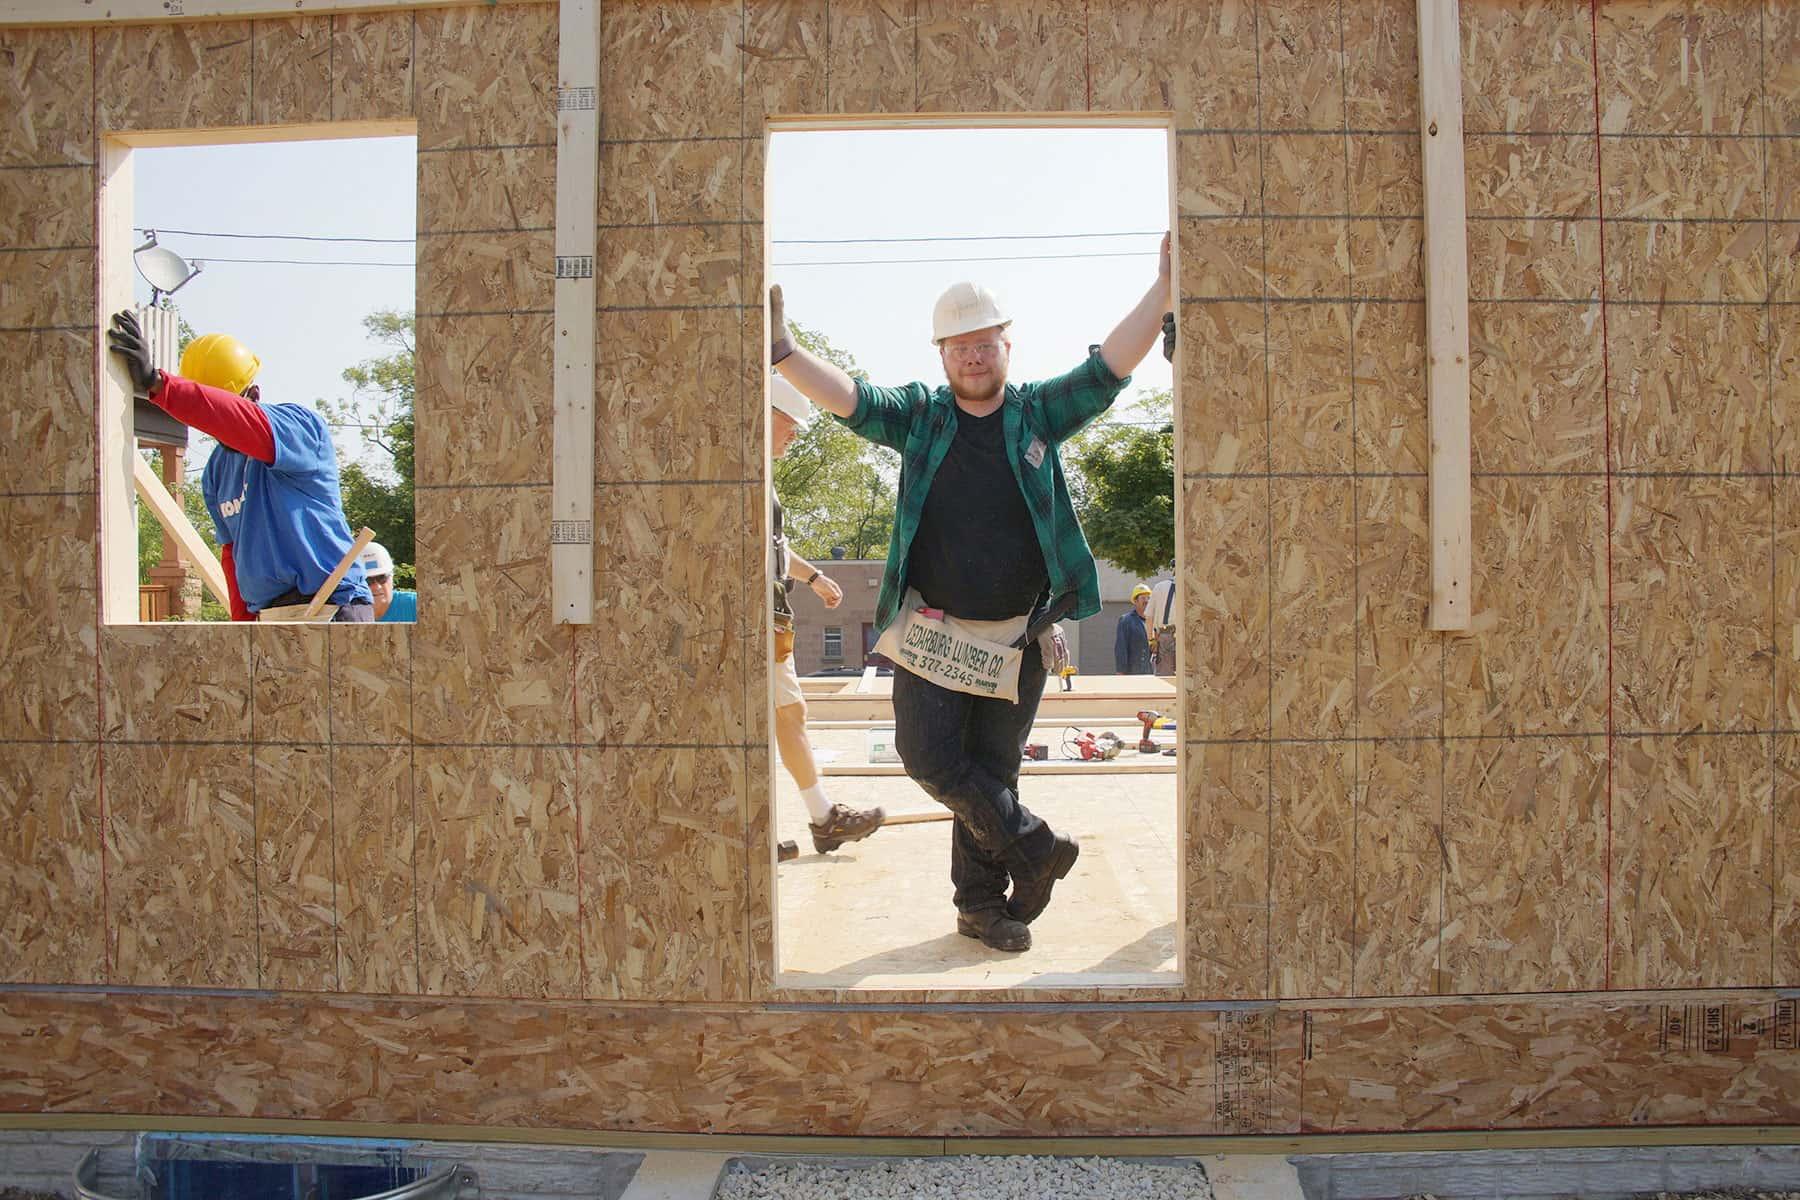 02_091117_habitatbuild_413